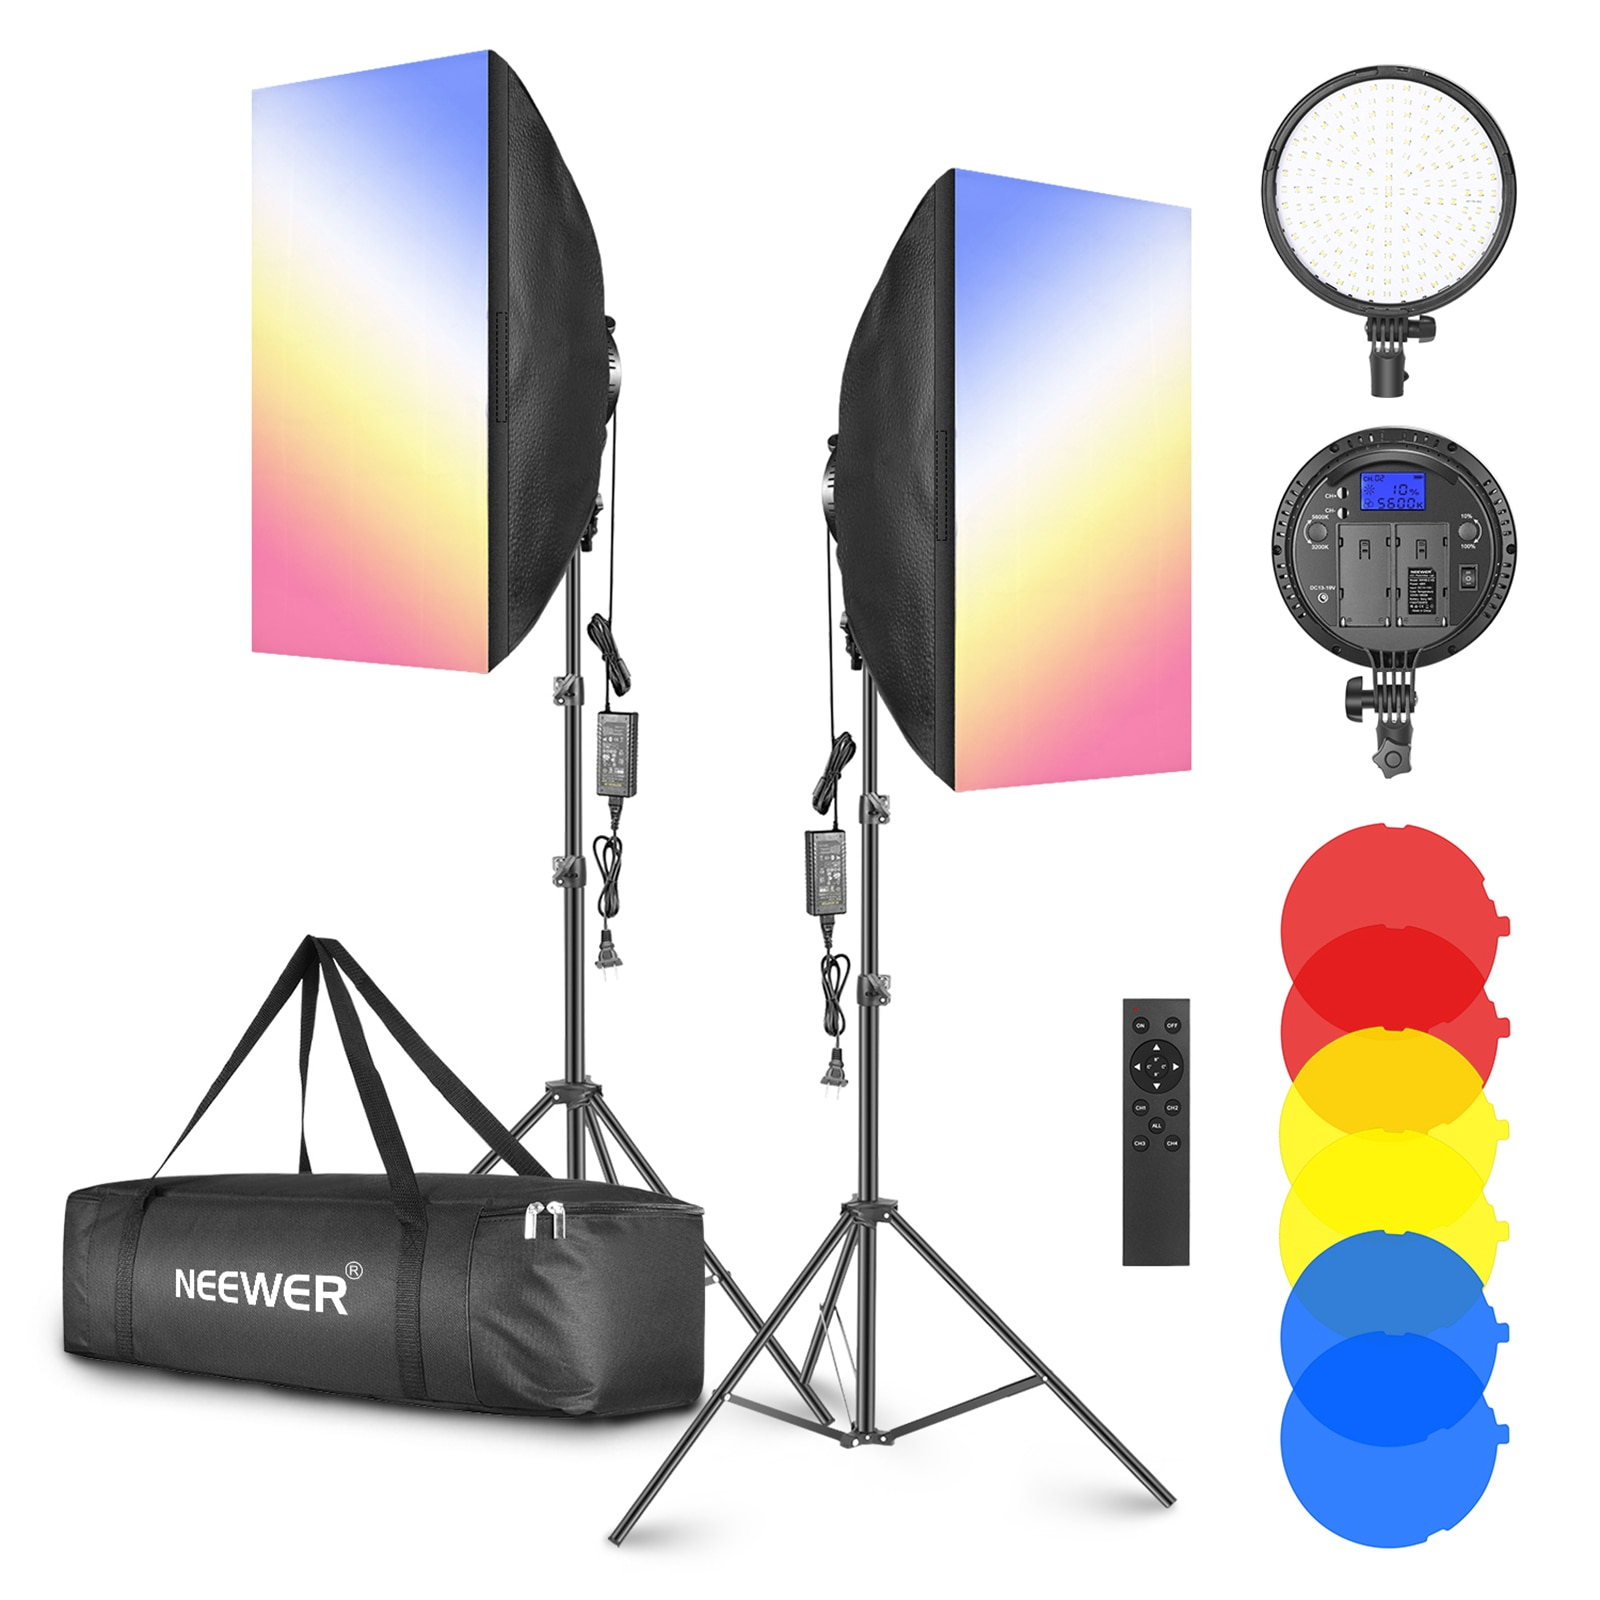 Neewer 2 шт./упаковка светодиодный софтбокс 4 г светильник ing с цветным фильтром: 20x28